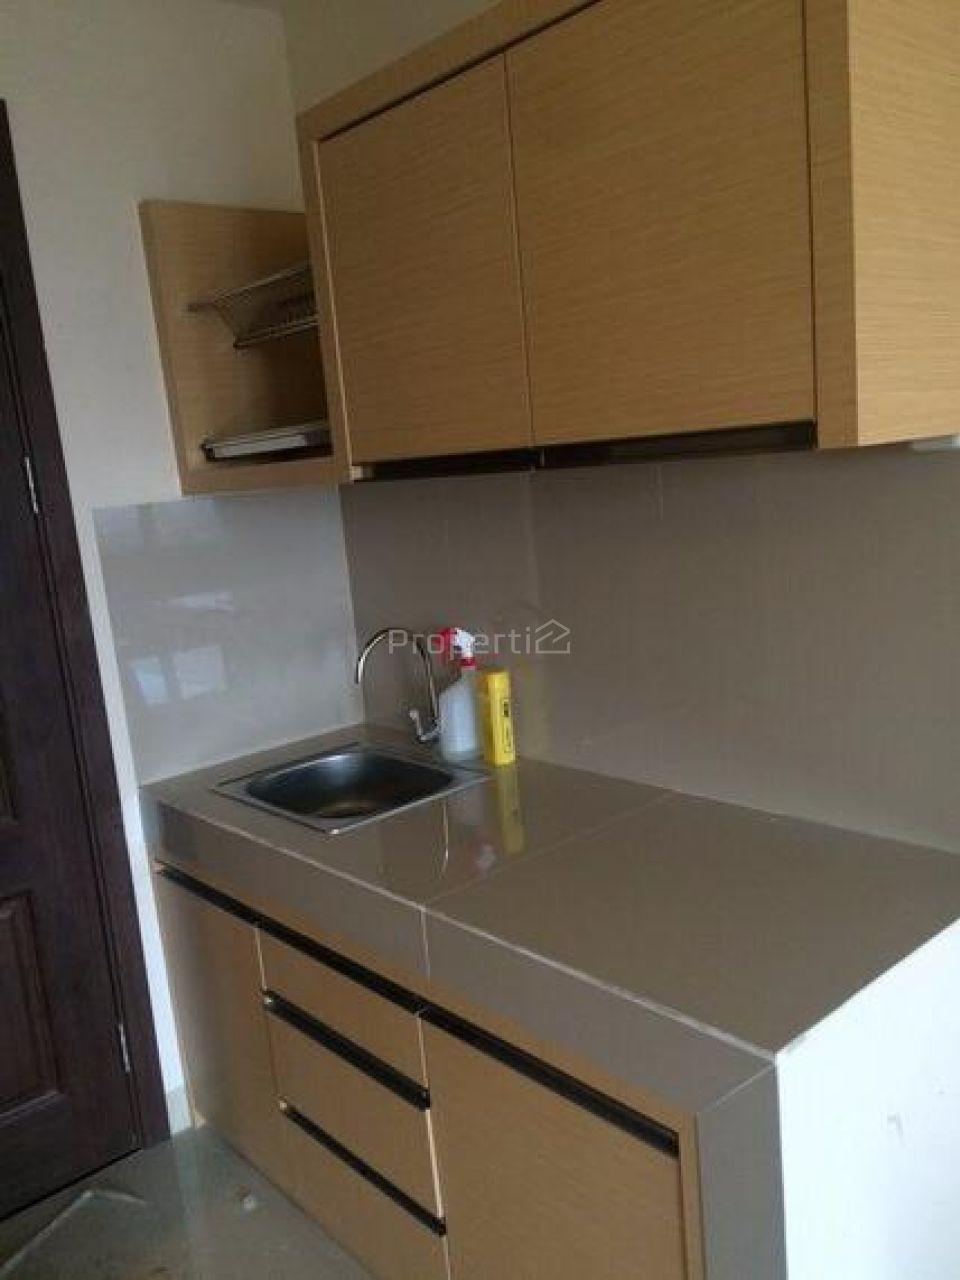 Exclusive Apartment Unit at Galeri Ciumbuleuit 2, 31th Floor, Cidadap